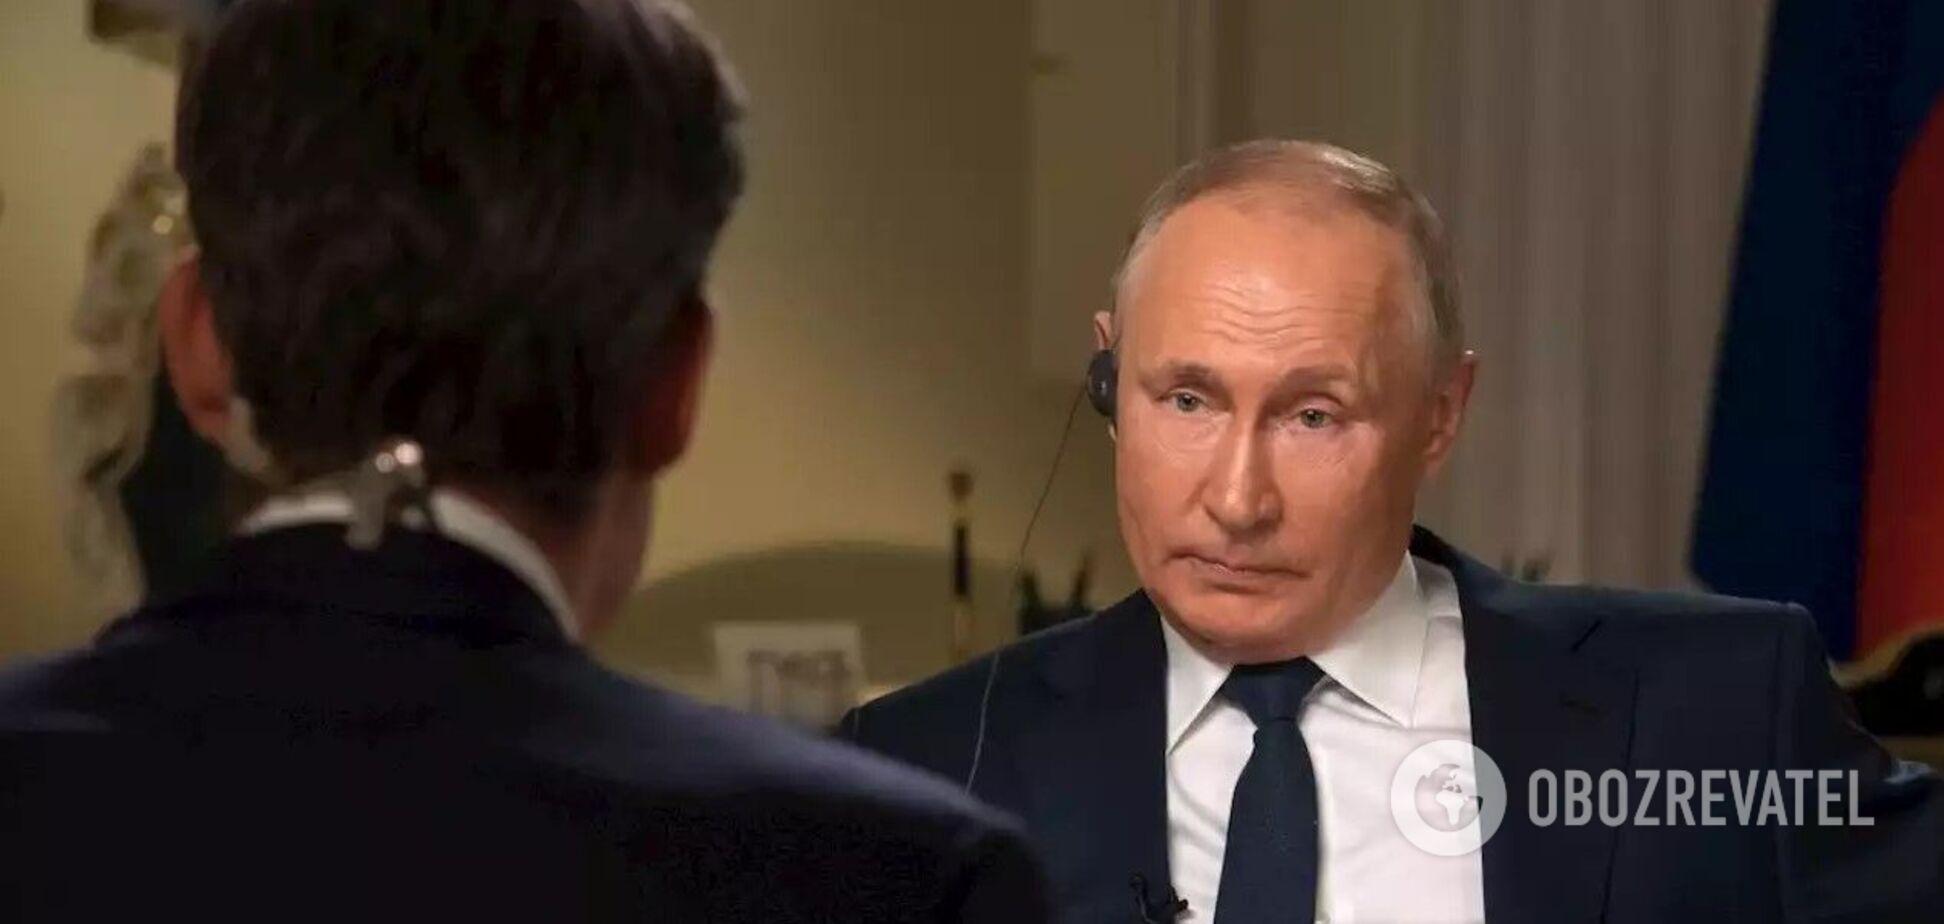 Путин: у нас нет привычки кого-то убивать